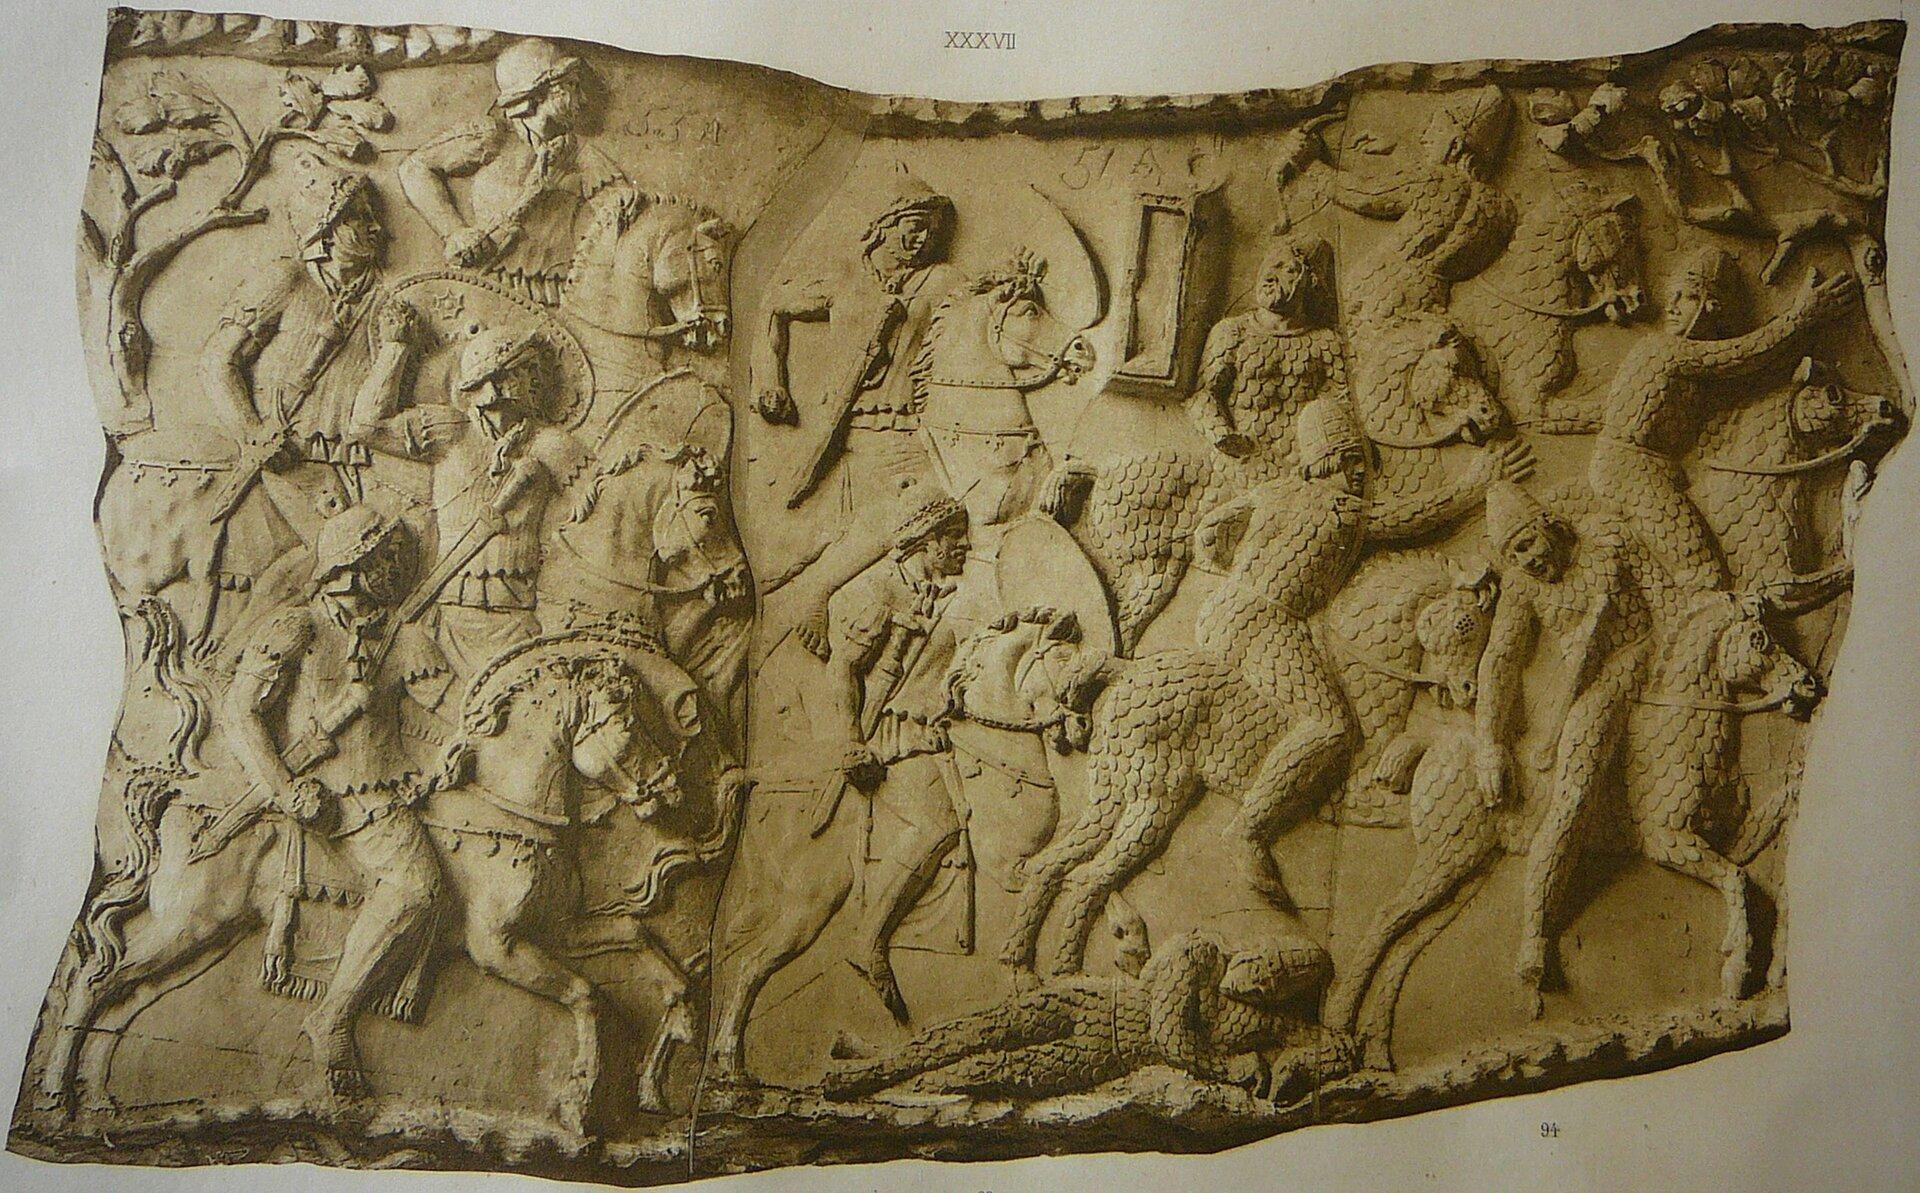 Ilustracja interaktywna przedstawia zdjęcie fragmentu Kolumny Trajana. Ukazuje fragment bitwy Rzymian zDakami. Po lewej stronie na koniach ukazani są Rzymianie, którzy atakują wroga. Wojownicy na koniach ukazani są rzędowo. Prawa strona przedstawia uciekających Daków. Jedni odwracają się, inni spadają zkoni. Na dole leży martwy żołnierz.